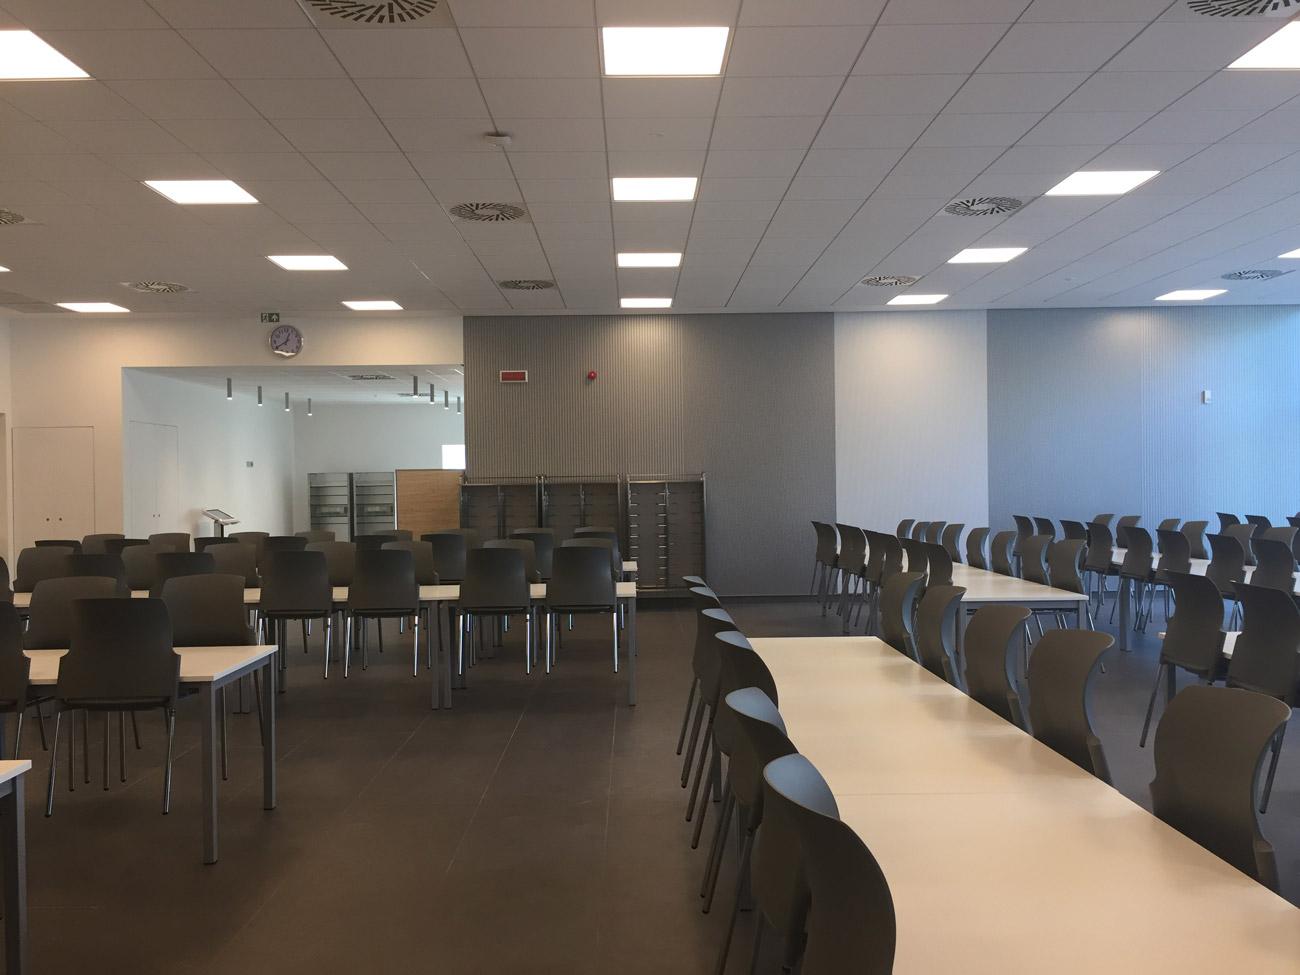 mensa-selice-cefla-imola_studio-tb-progettazione-architettonica-09